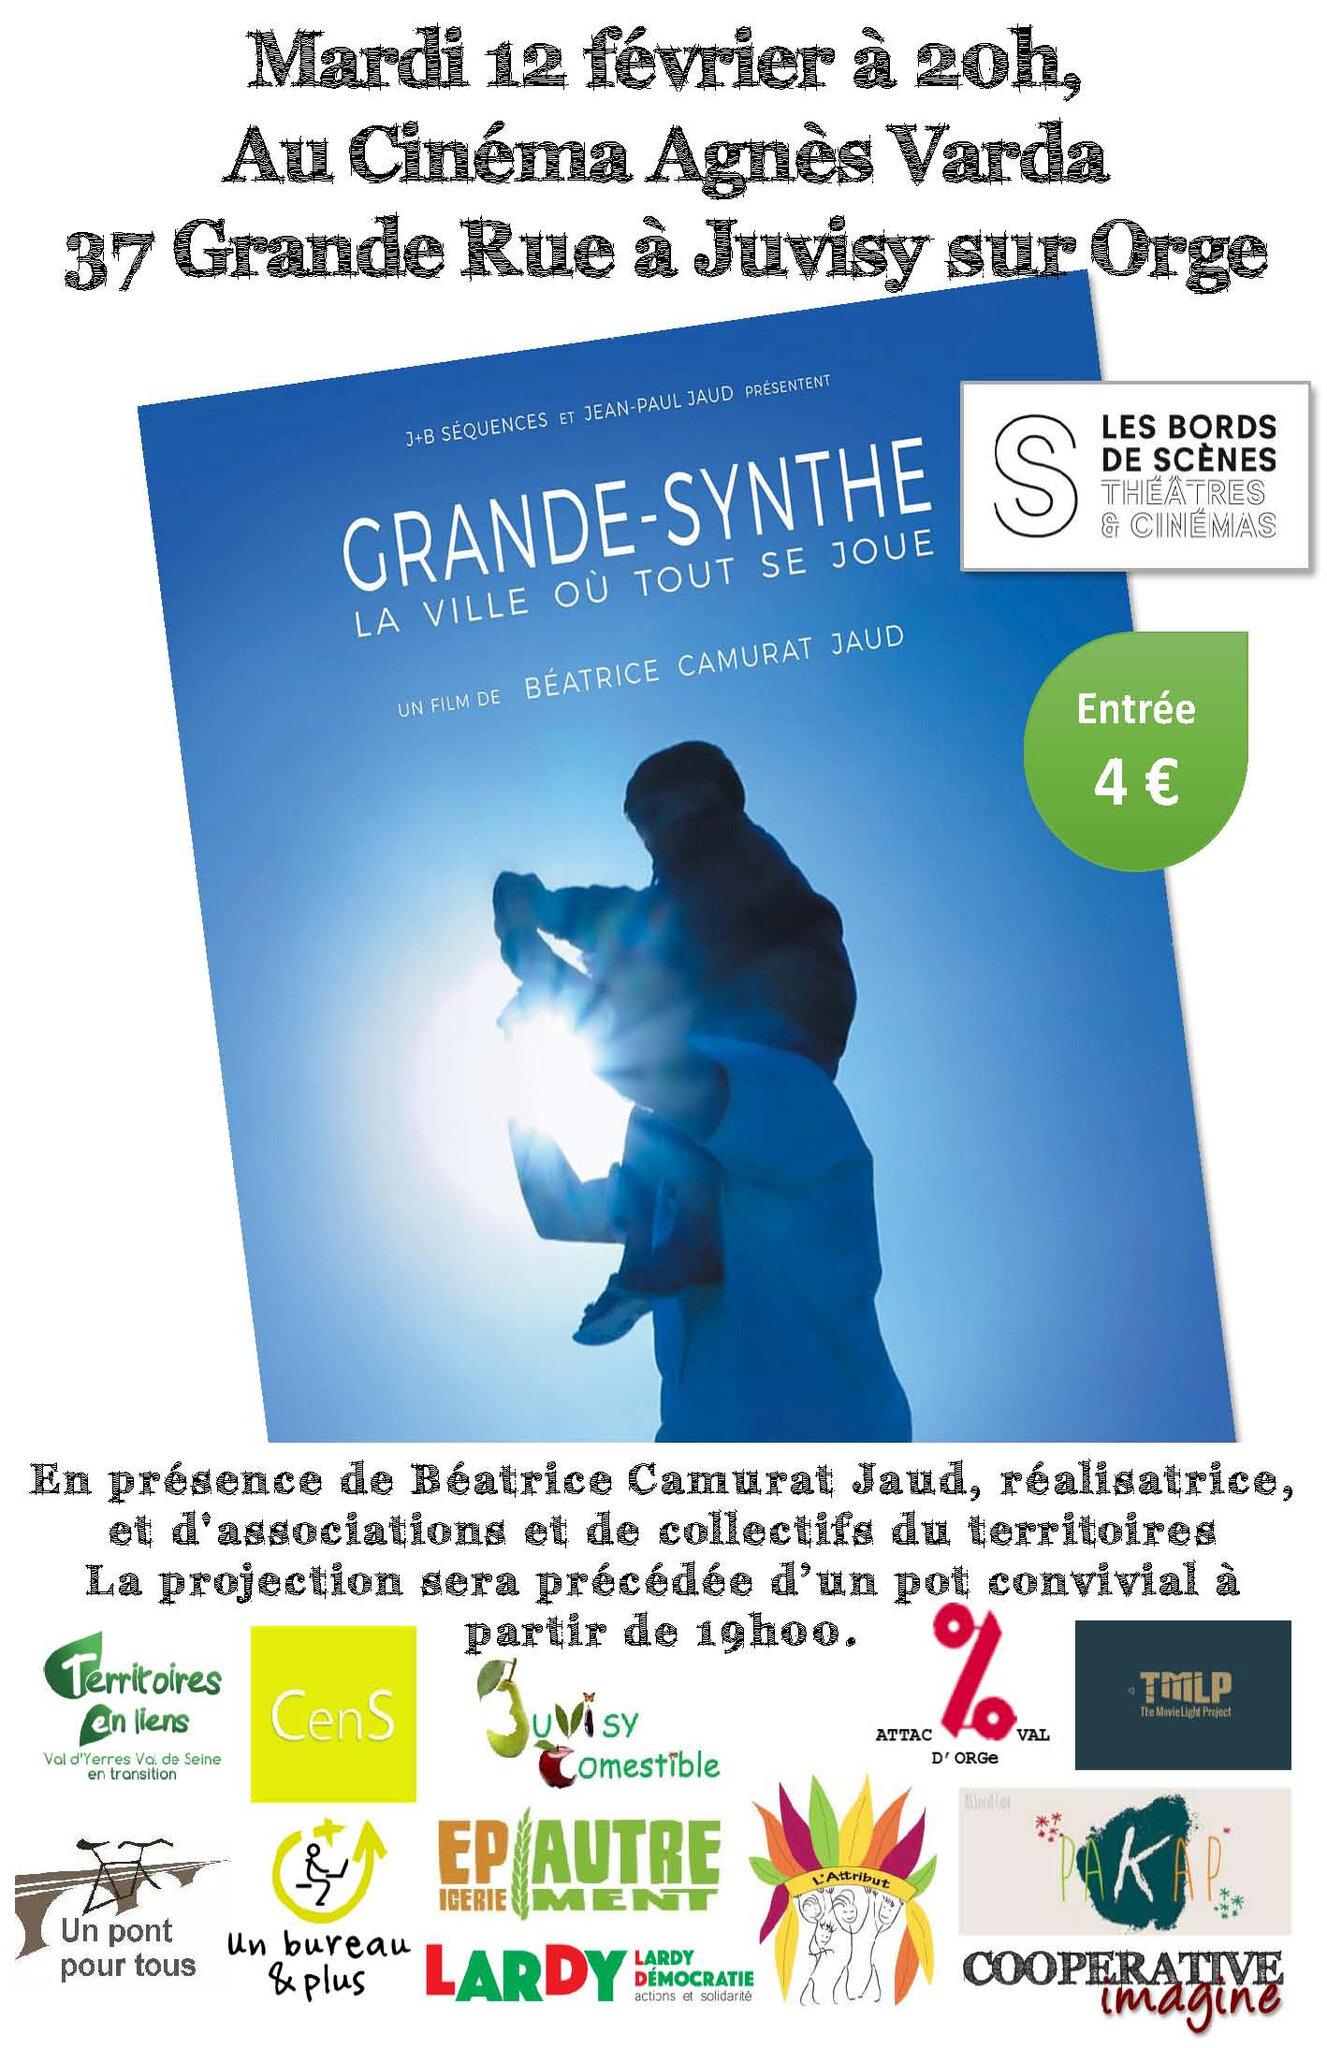 [Infromation culturelle] Projection du film « Grande Synthe » au cinéma Agnès Varda de Juvisy sur Orge, mardi 12 février à 20h